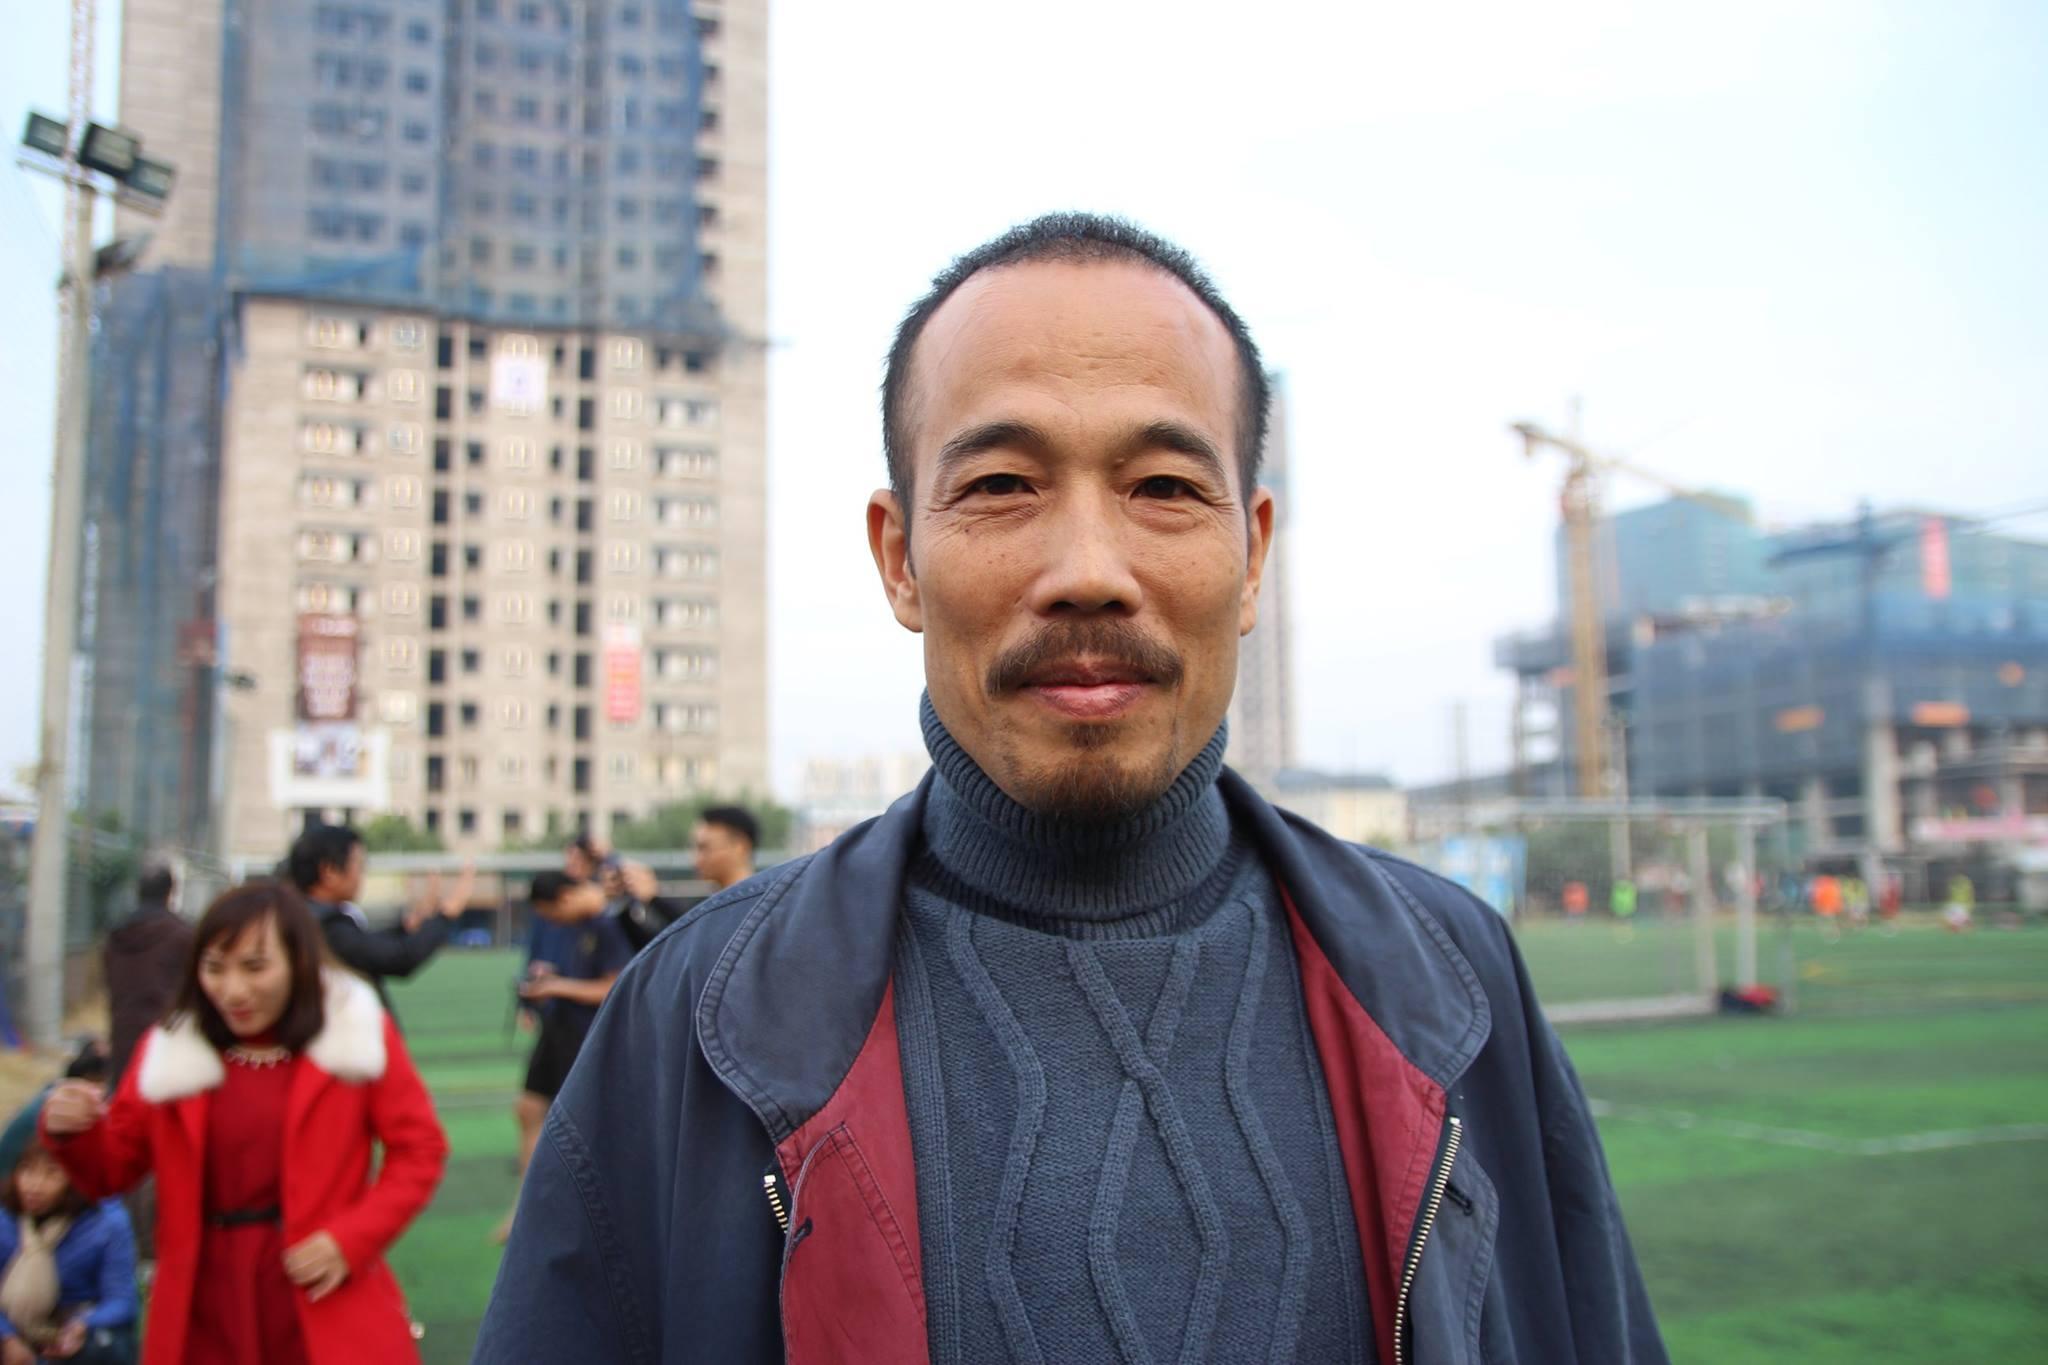 Phiên tòa phi lý ở Hà Nội xử thầy giáo Vũ Văn Hùng 1 năm tù